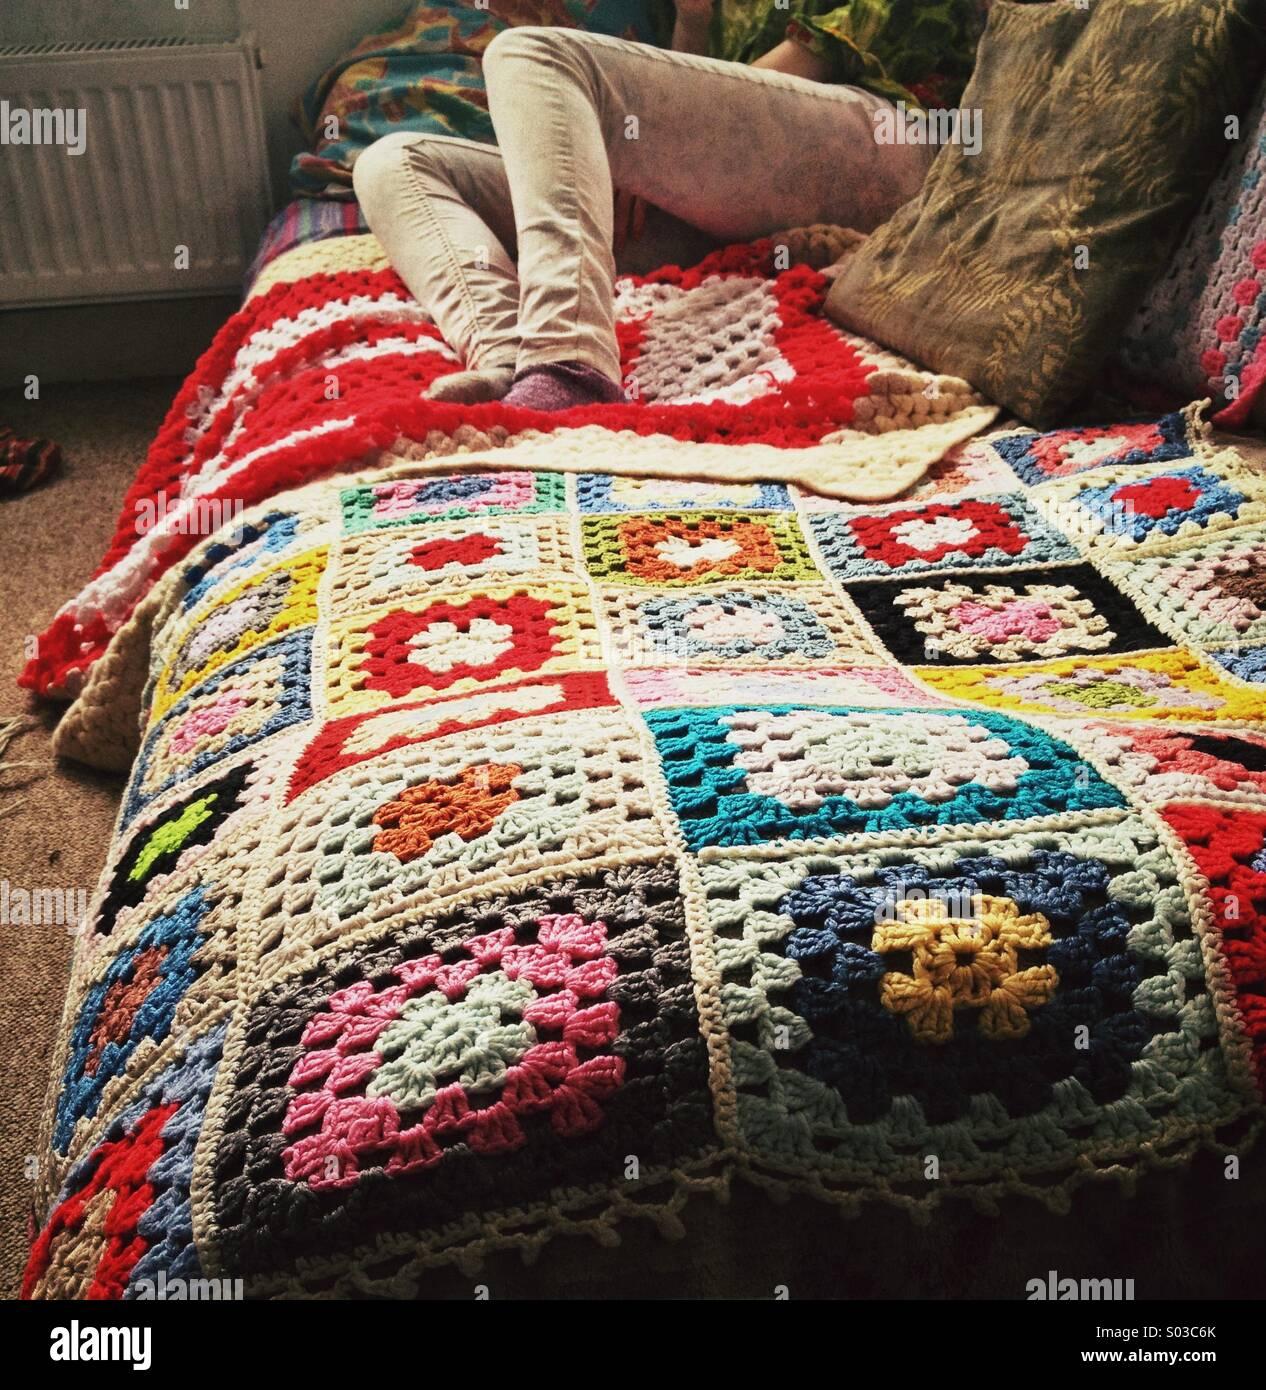 Adolescent paresseux, assis sur une couverture rétro patchwork Photo Stock